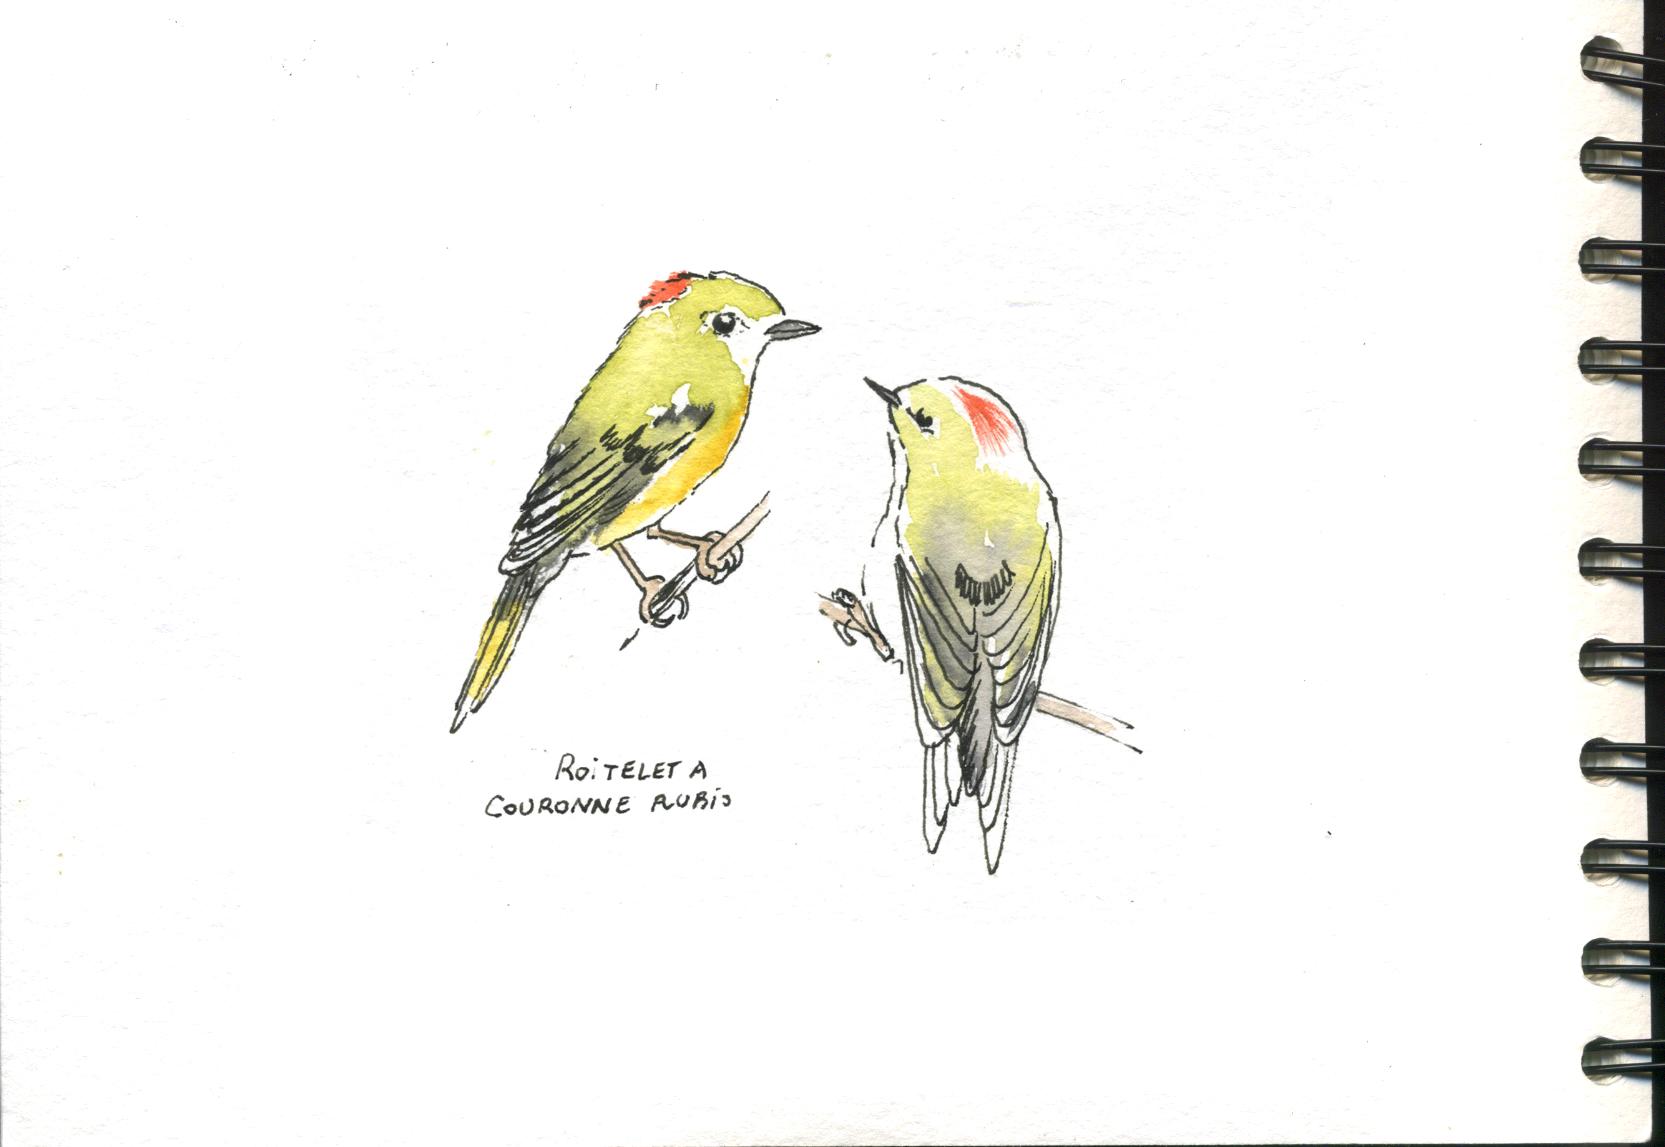 petits oiseaux canadiens